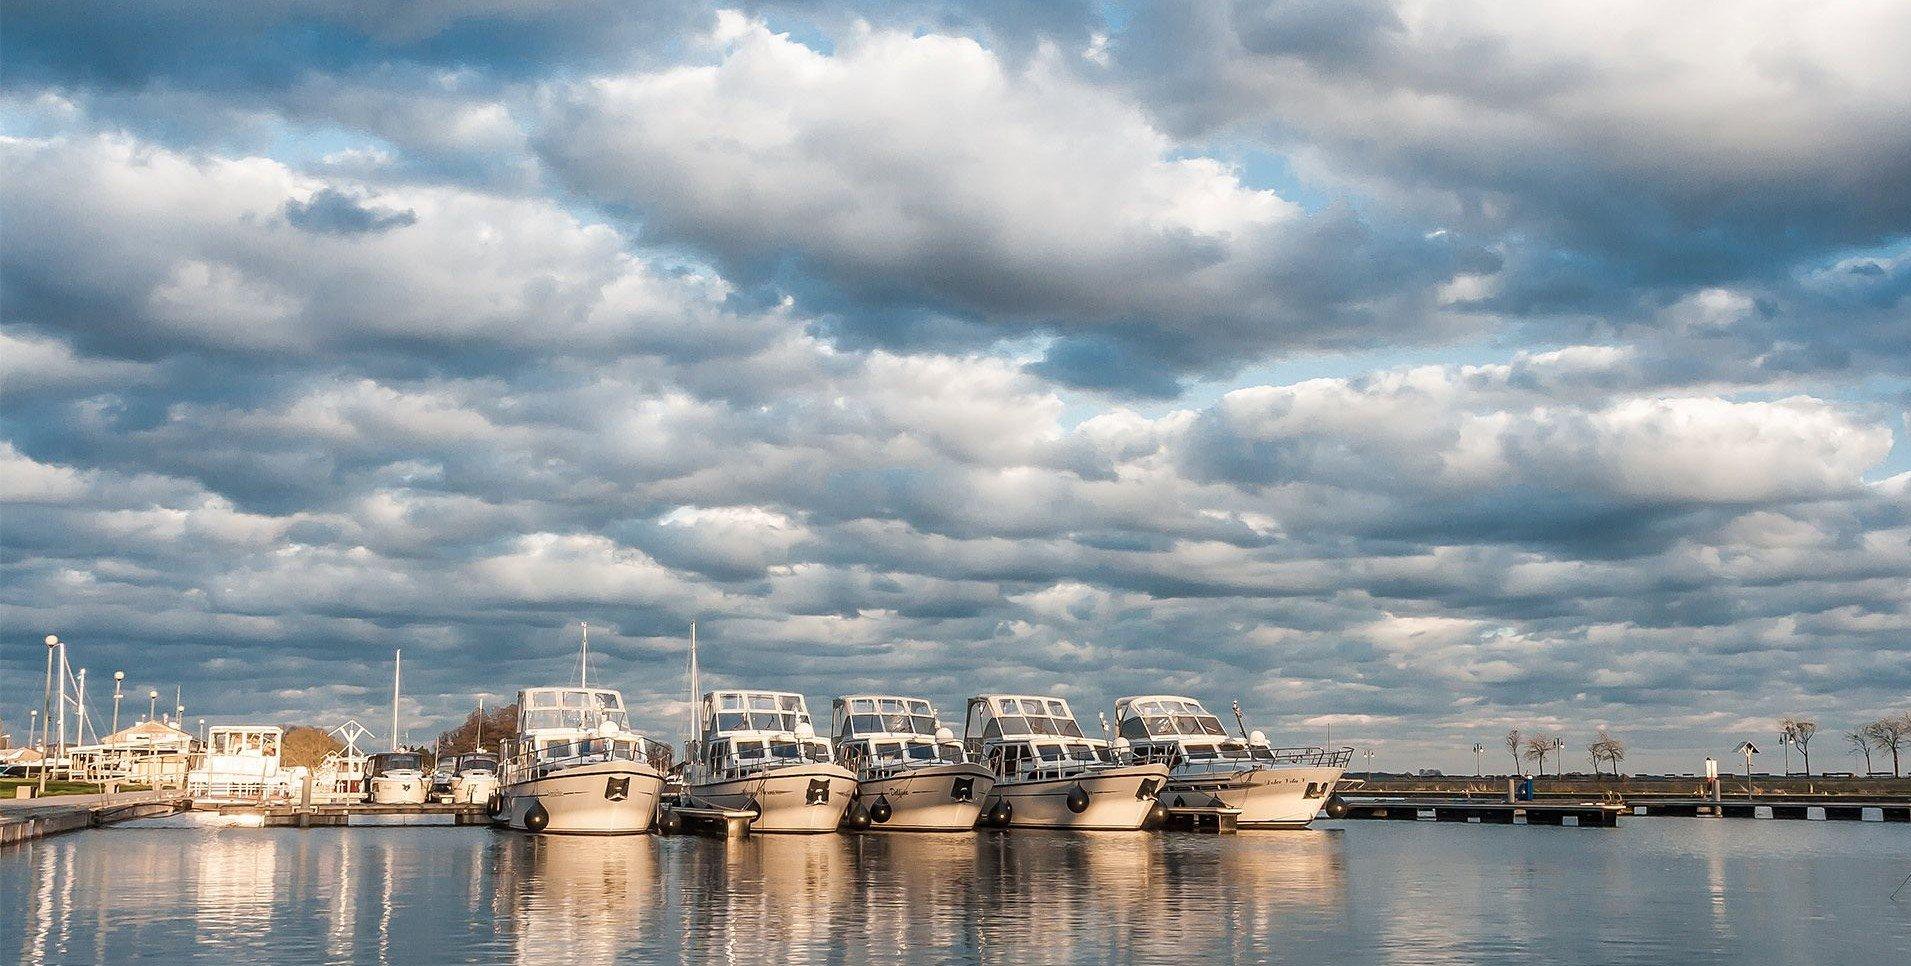 houseboat-mazury-wynajem-dużych-jachtów-spacerowych-bez-patentu